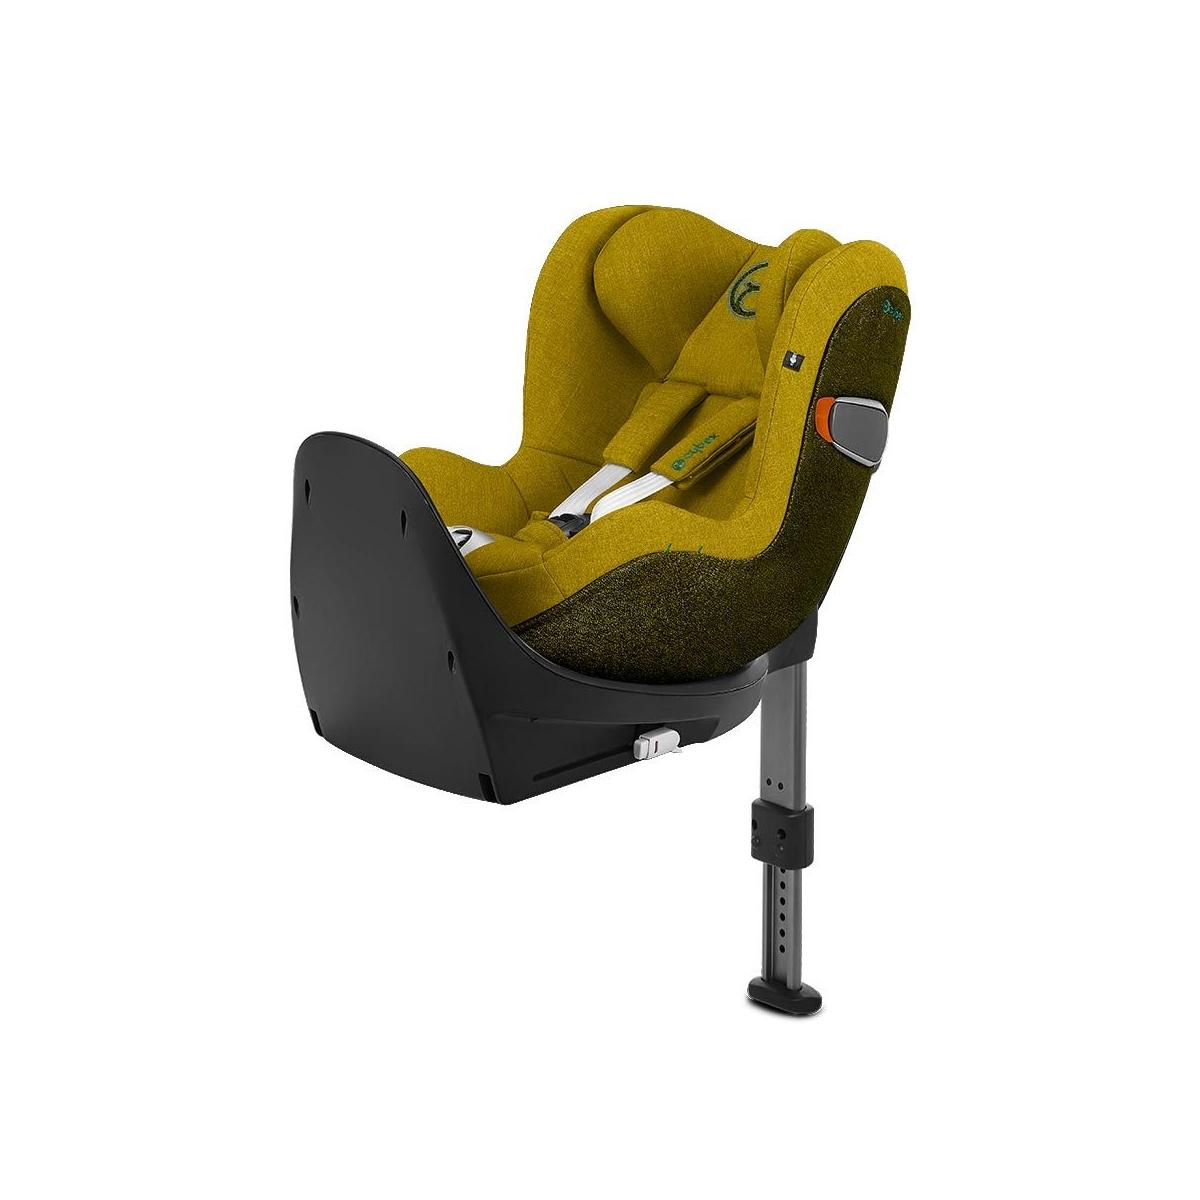 Cybex Sirona Zi i-Size Plus Group 0+/1 Car Seat-Mustard Yellow (2021)